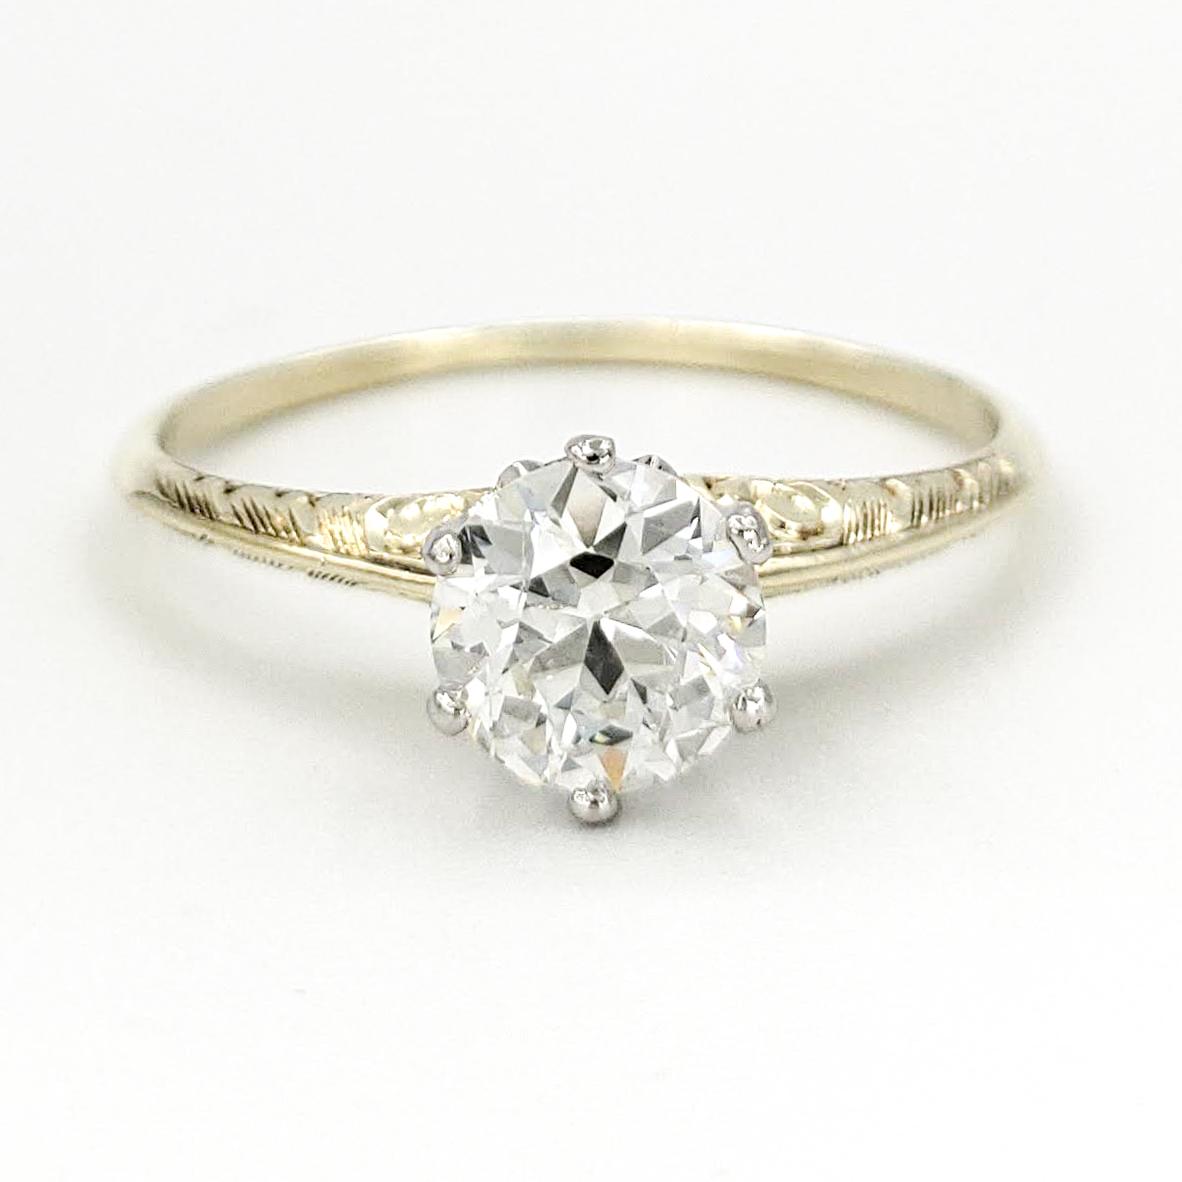 vintage-14-karat-gold-engagement-ring-with-0-71-carat-old-european-cut-diamond-gia-j-si2